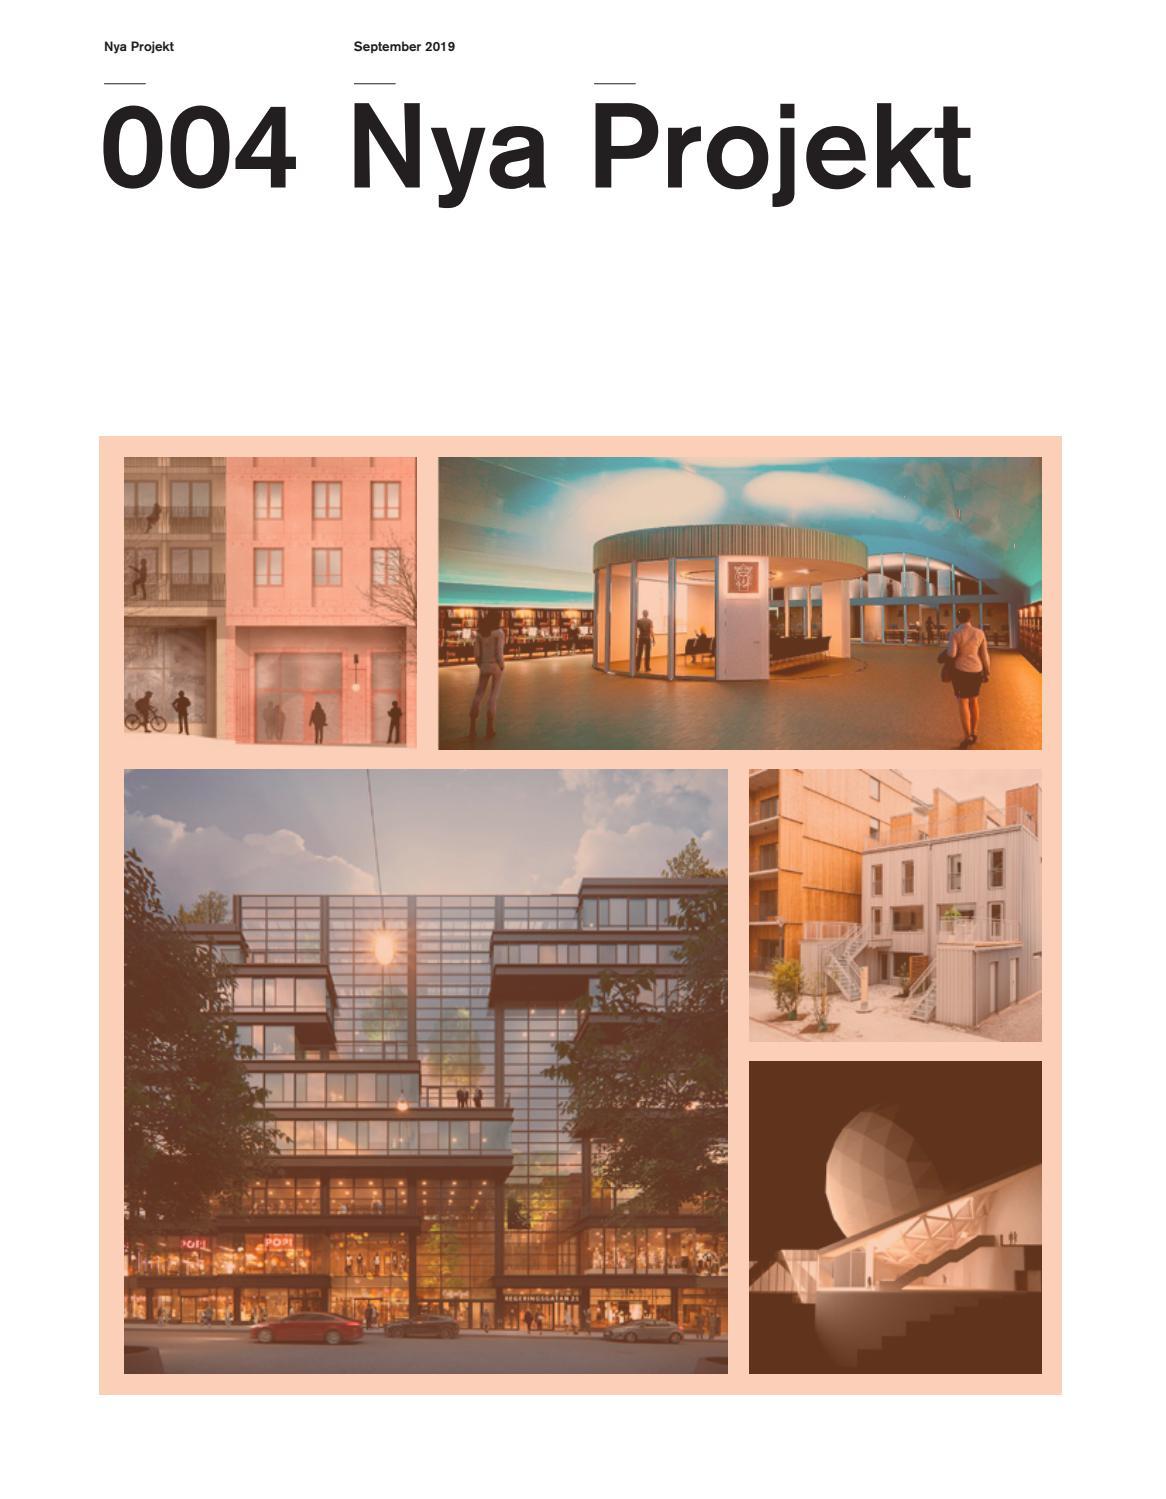 Kompletteringar av rsplan 2020 - Eskilstuna kommun